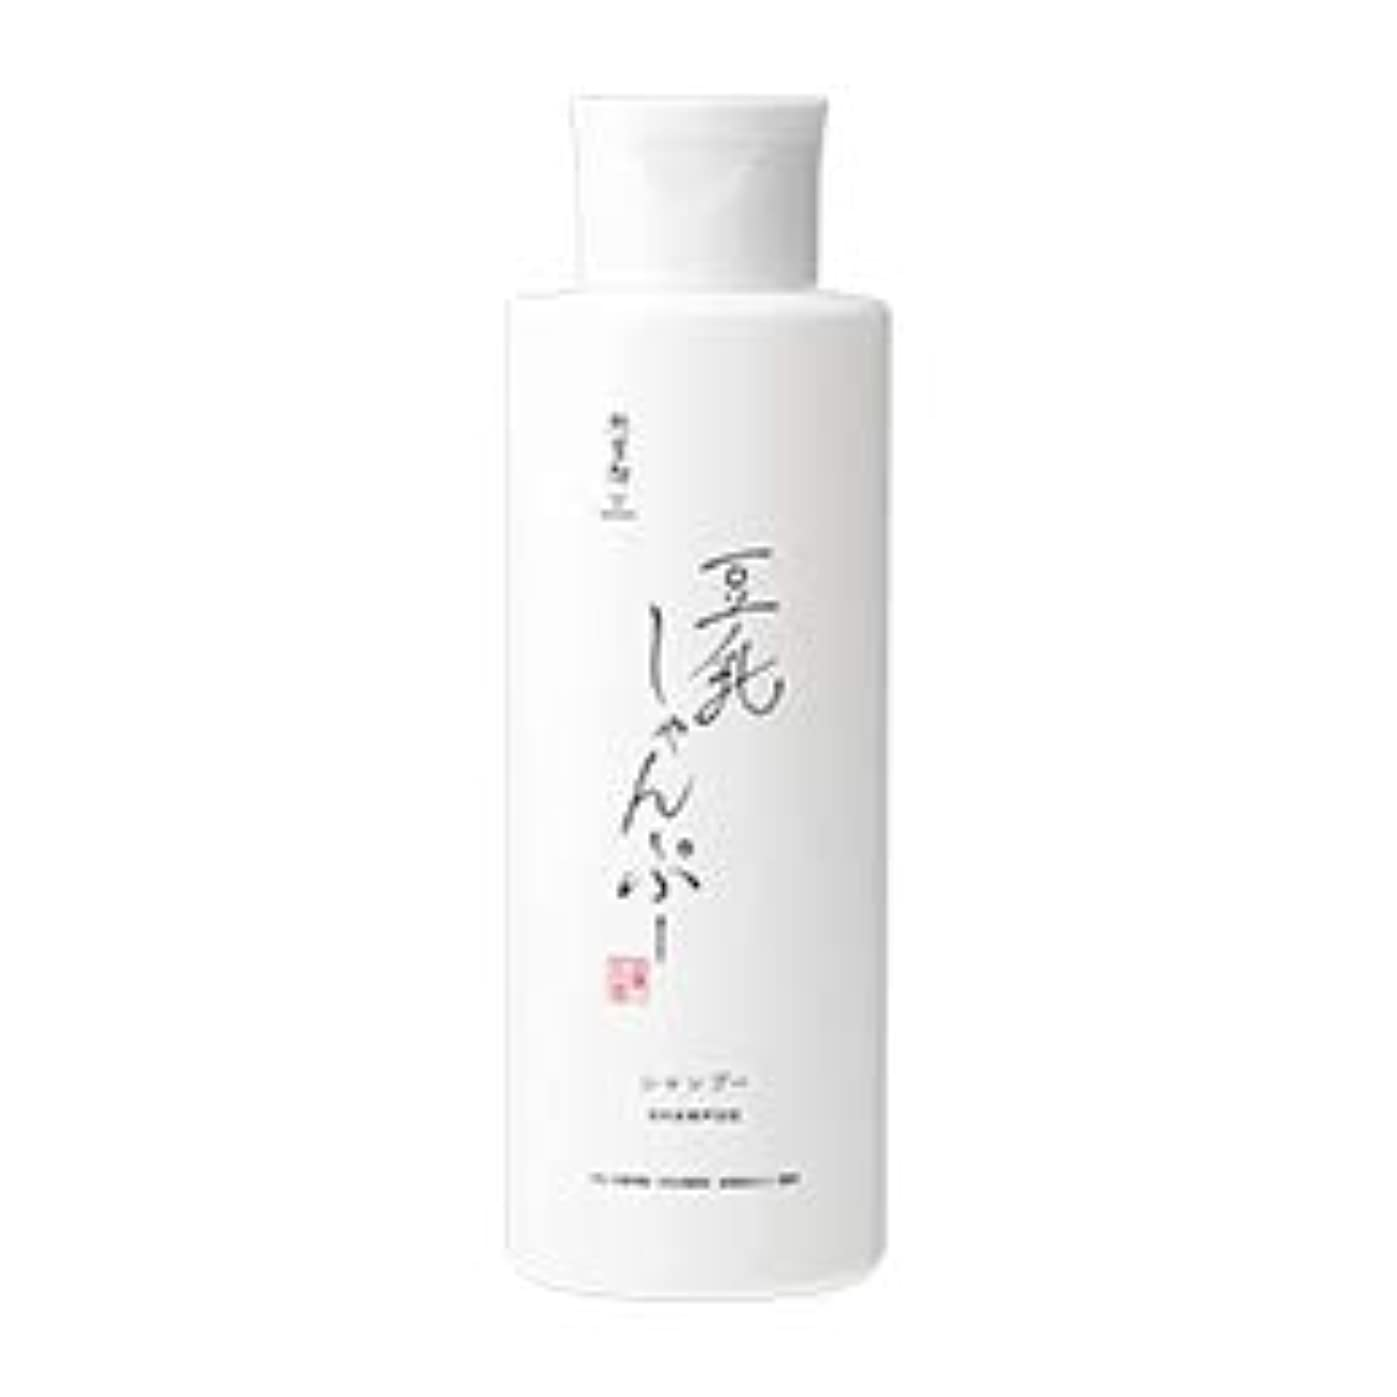 ソロコンテンツ謝罪豆腐の盛田屋 豆乳しゃんぷー 自然生活 300mL